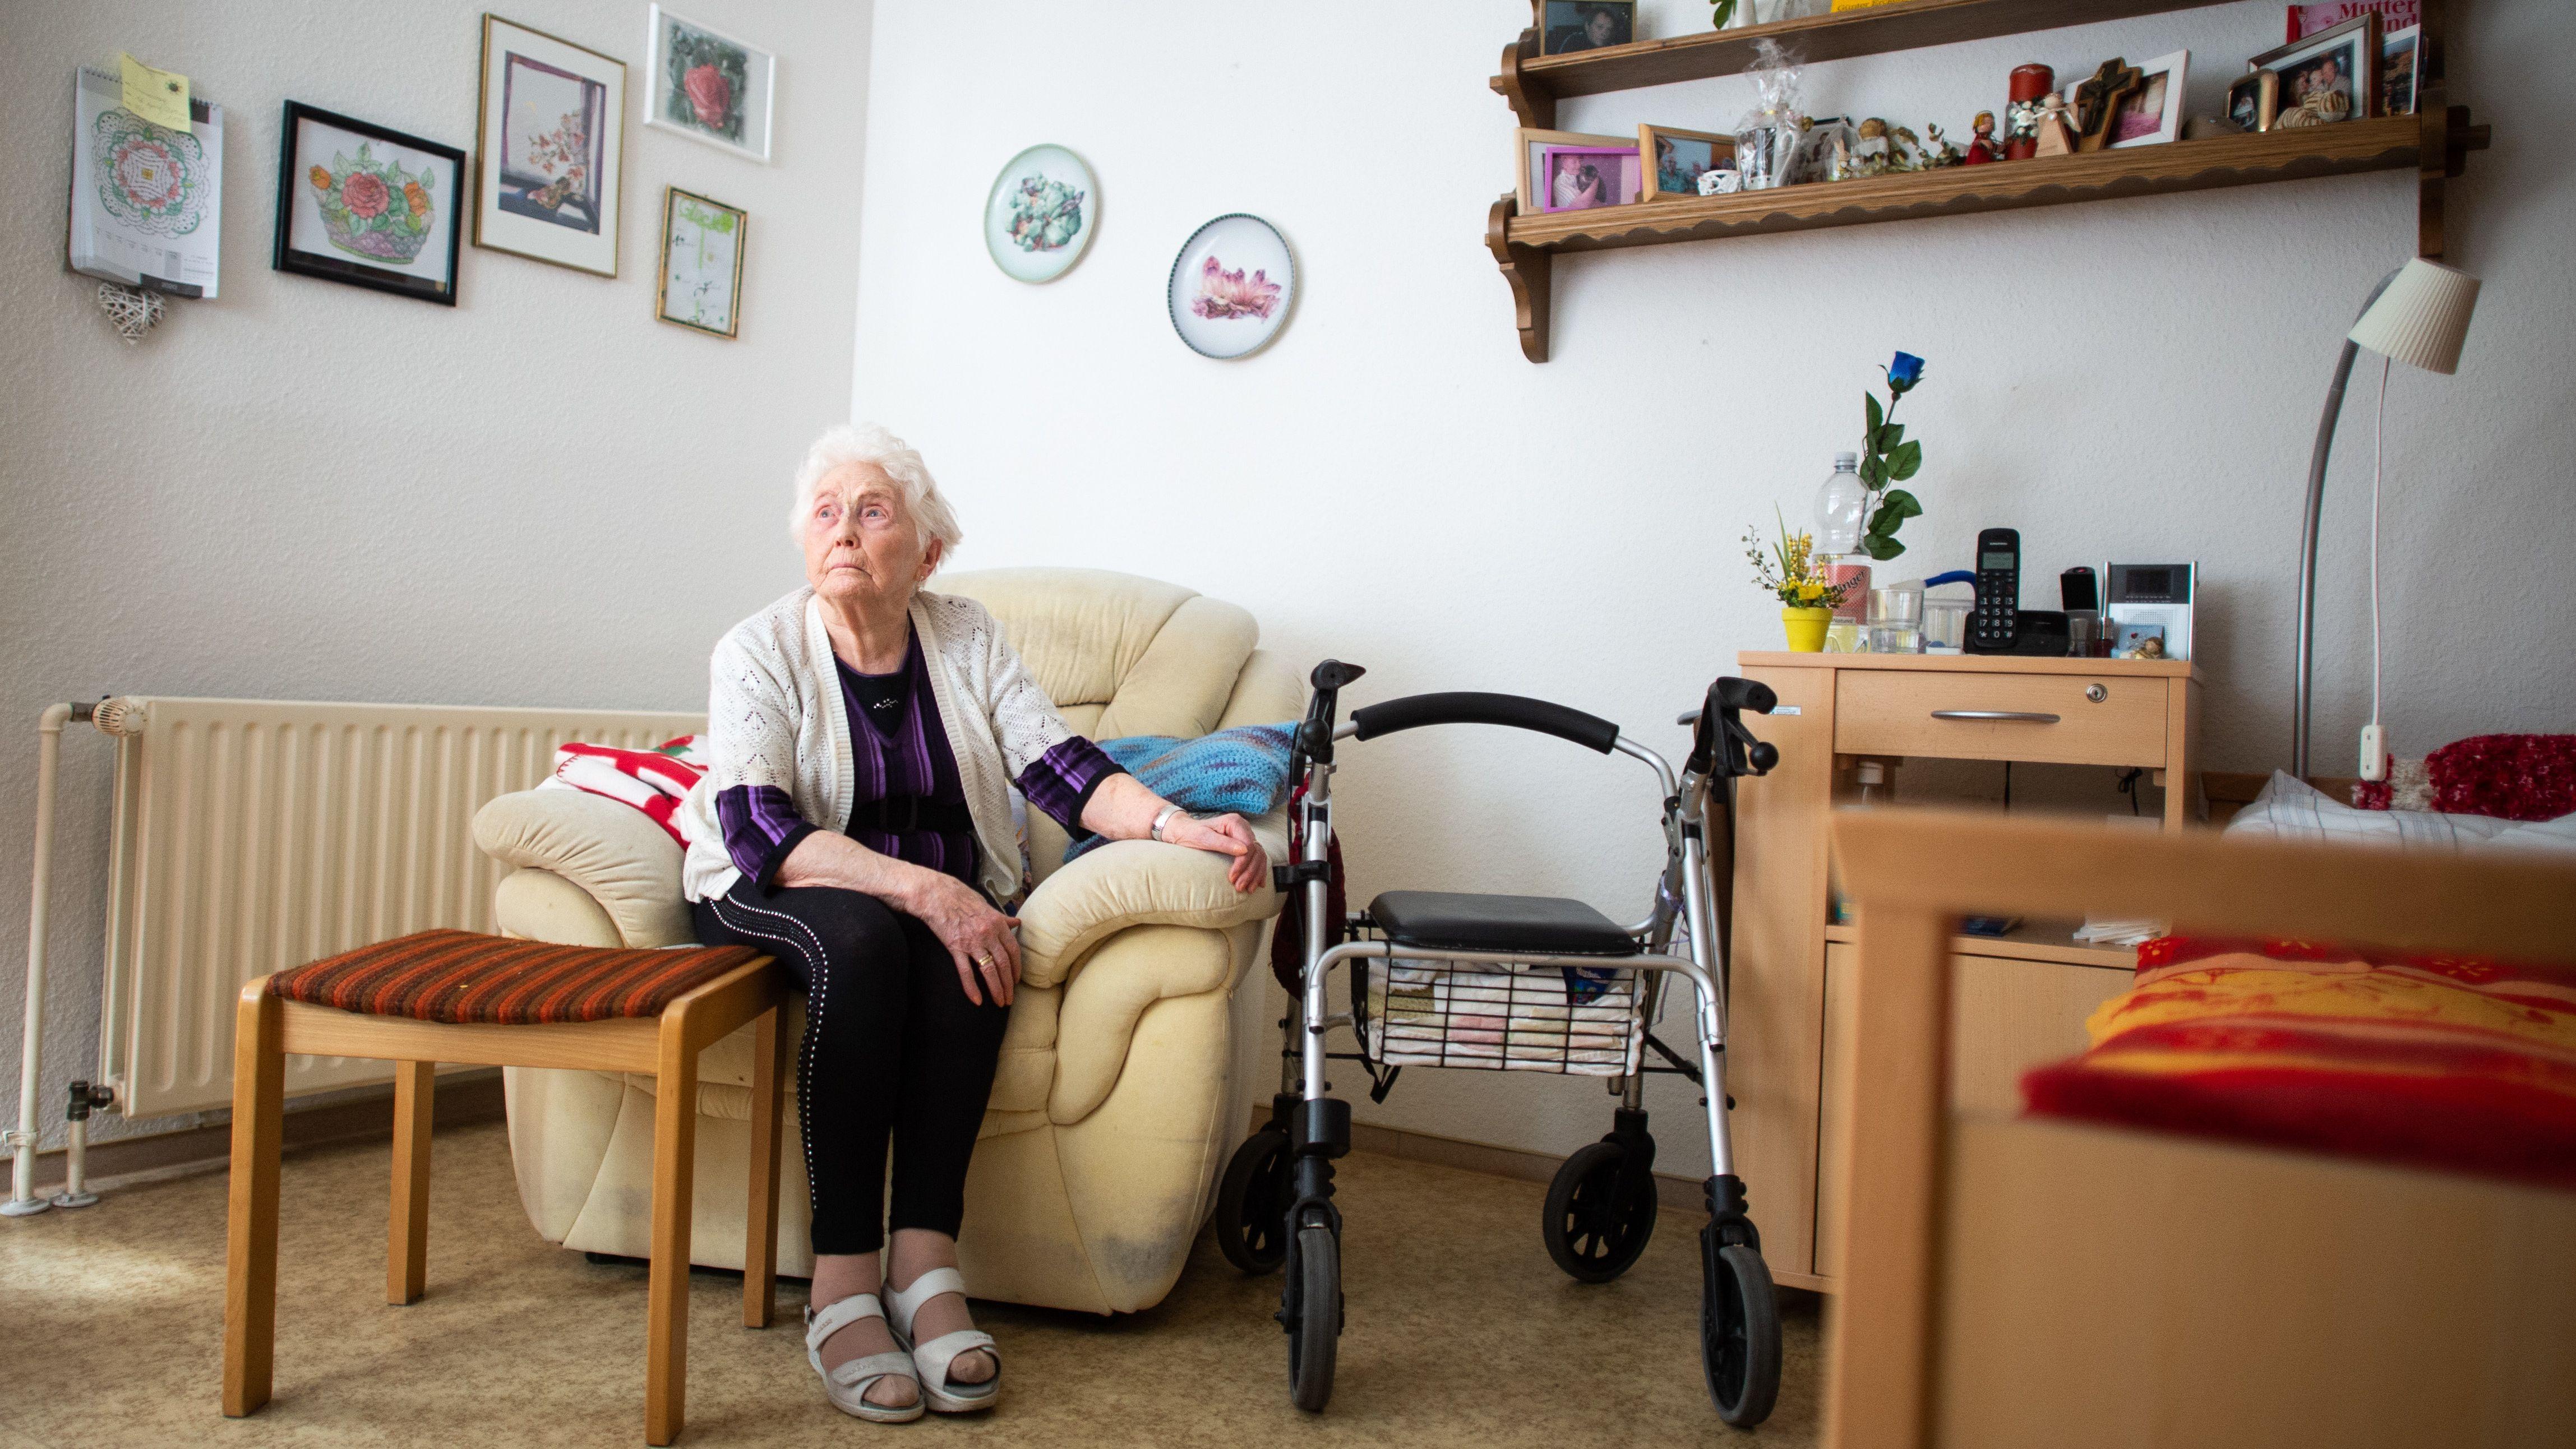 Eine Seniorin sitzt in ihrem Zimmer im Johannes-Sondermann-Haus des AWO Altenzentrum. Durch die Ausbreitung des Coronavirus gilt derzeit in Bayern ein Besuchsverbot in Altenheimen und Pflegenheimen.